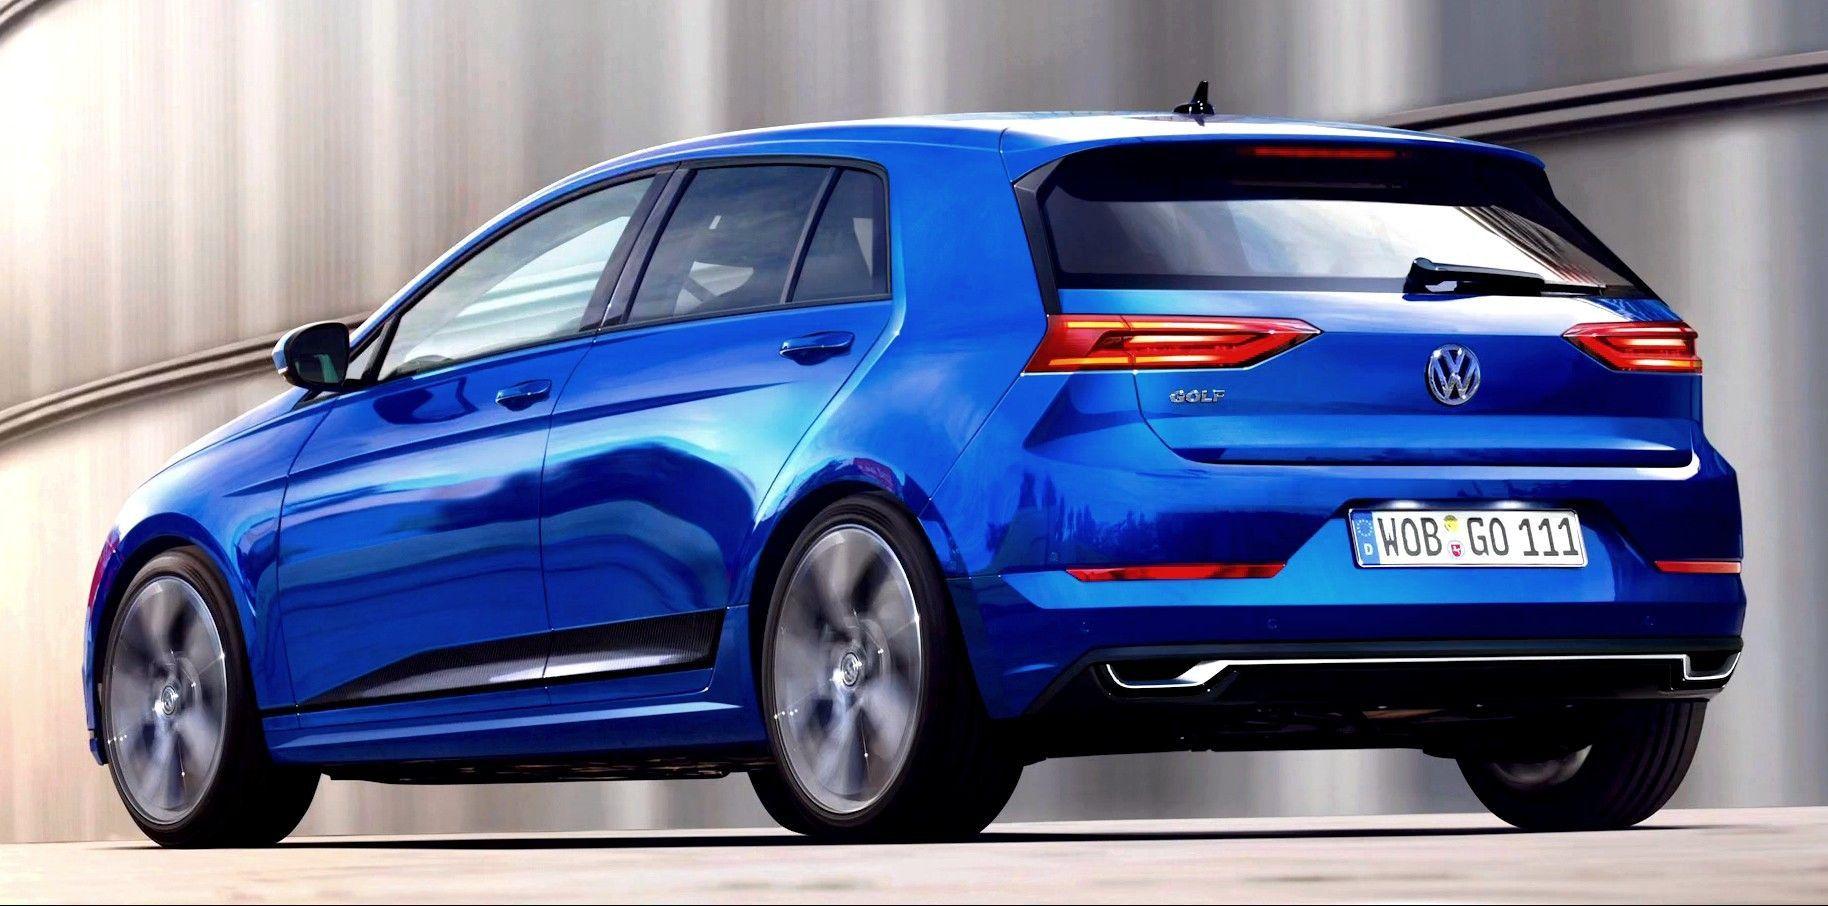 2018 Volkswagen Golf 8 Car News24 Pinterest Volkswagen Golf Volkswagen Car Volkswagen